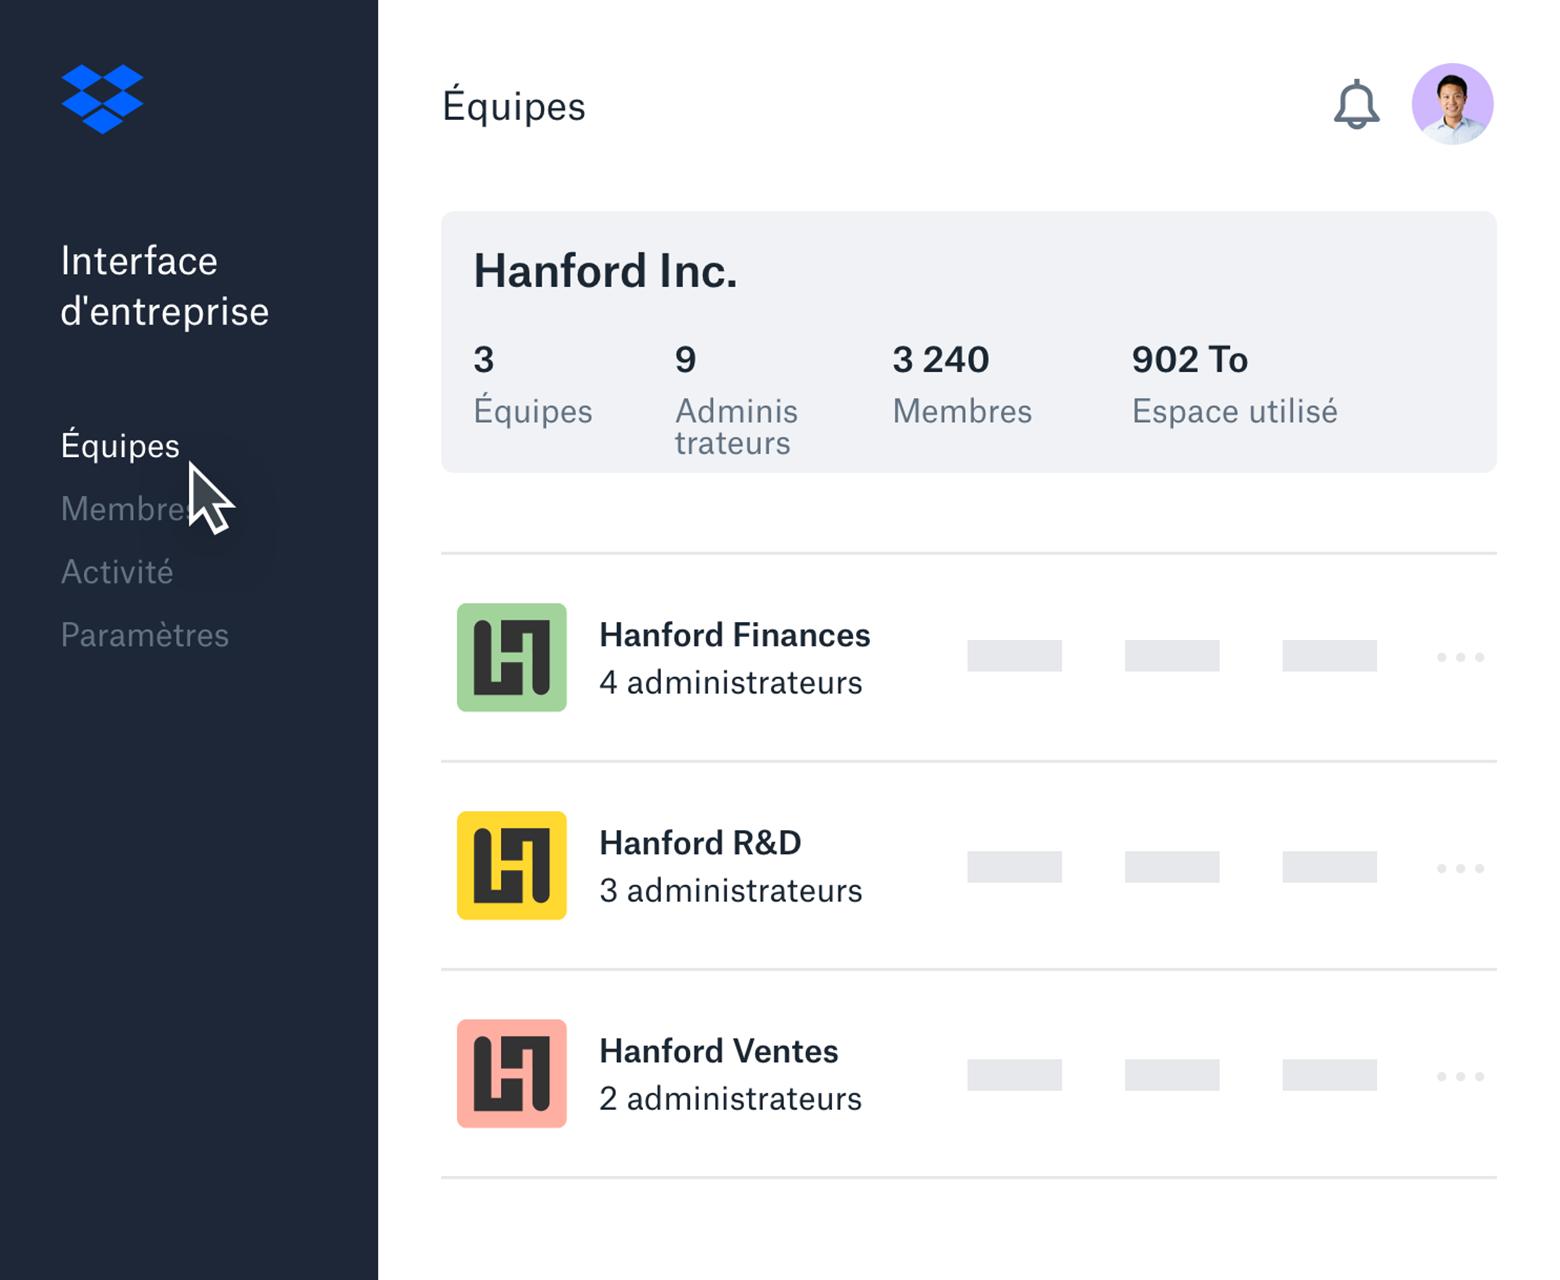 Interface d'entreprise Dropbox avec liste de sous-équipes et vue d'ensemble des membres d'équipe